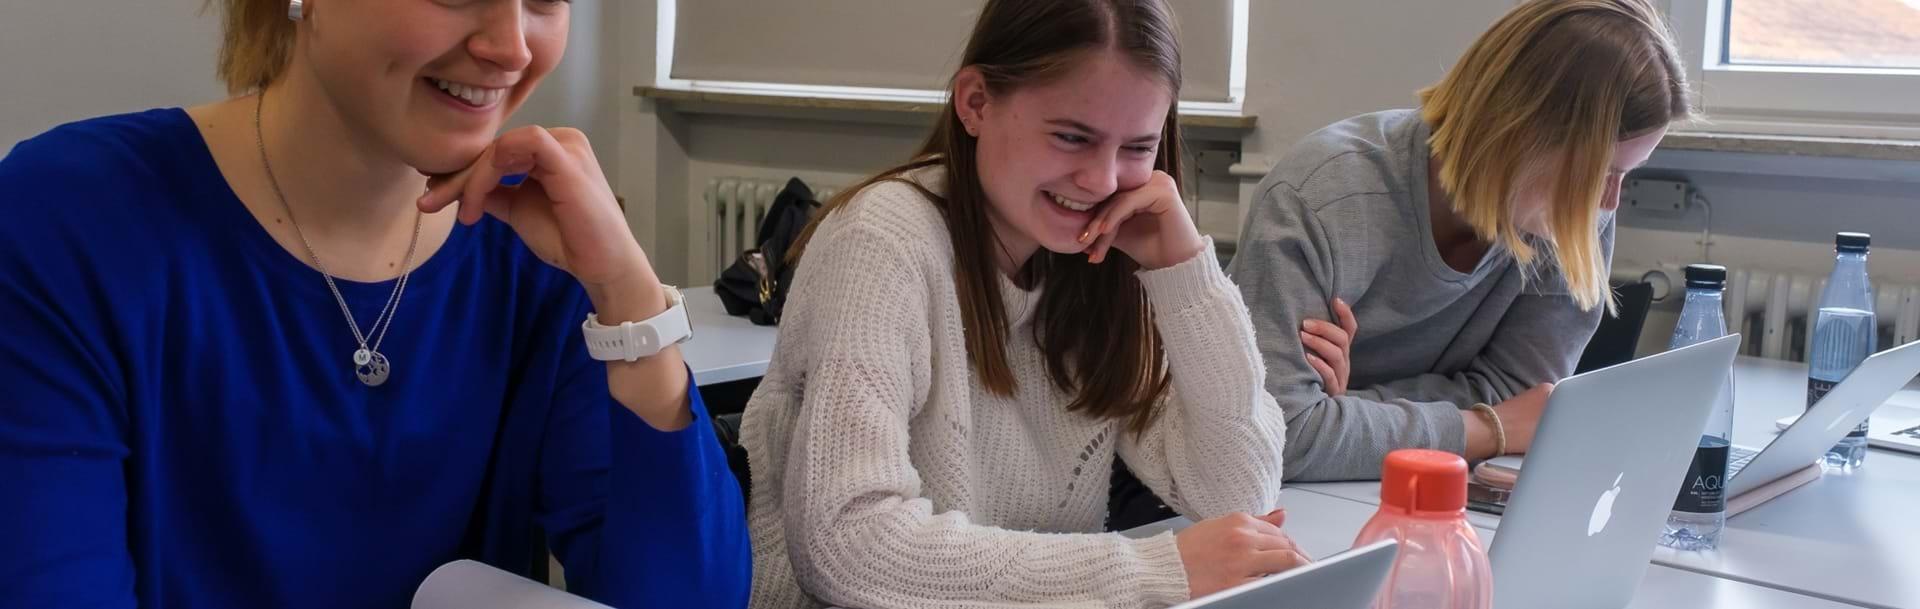 Elever som smiler og arbejder